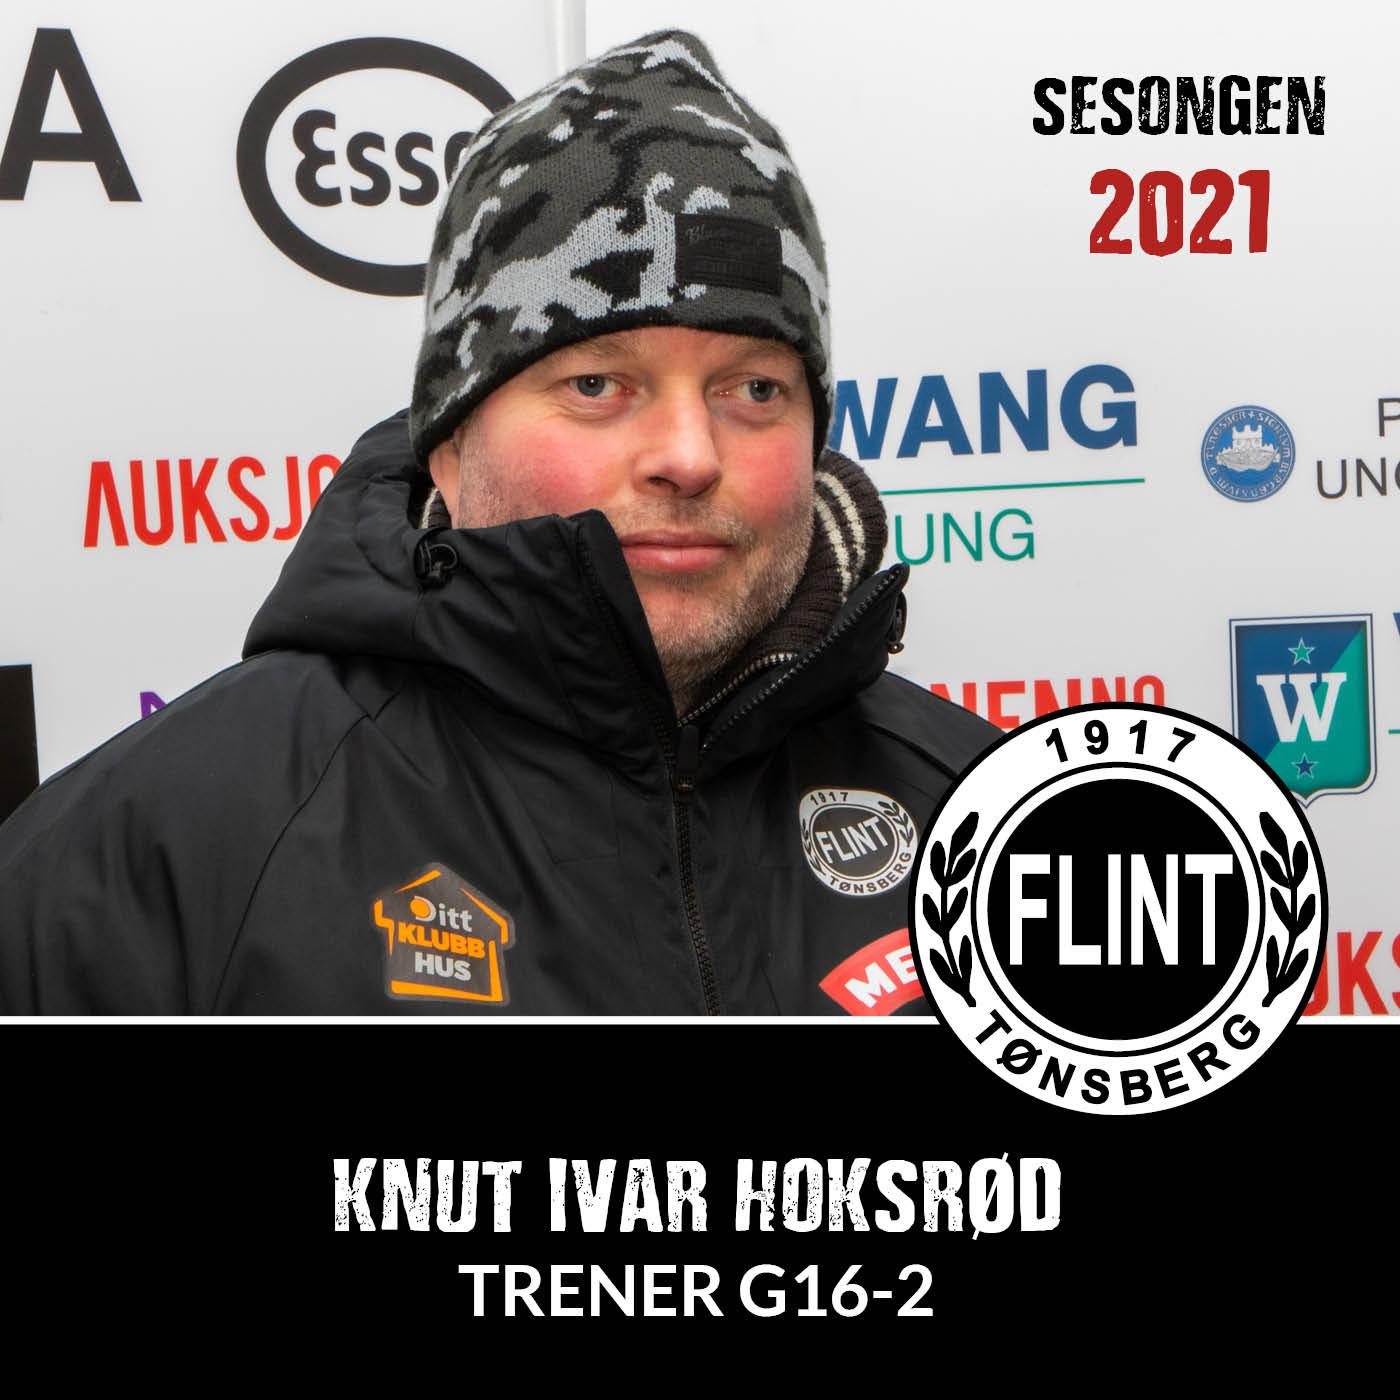 https://www.flintfotball.no/wp-content/uploads/2021/02/Trener-Knut-Ivar-Hoksrod.jpg